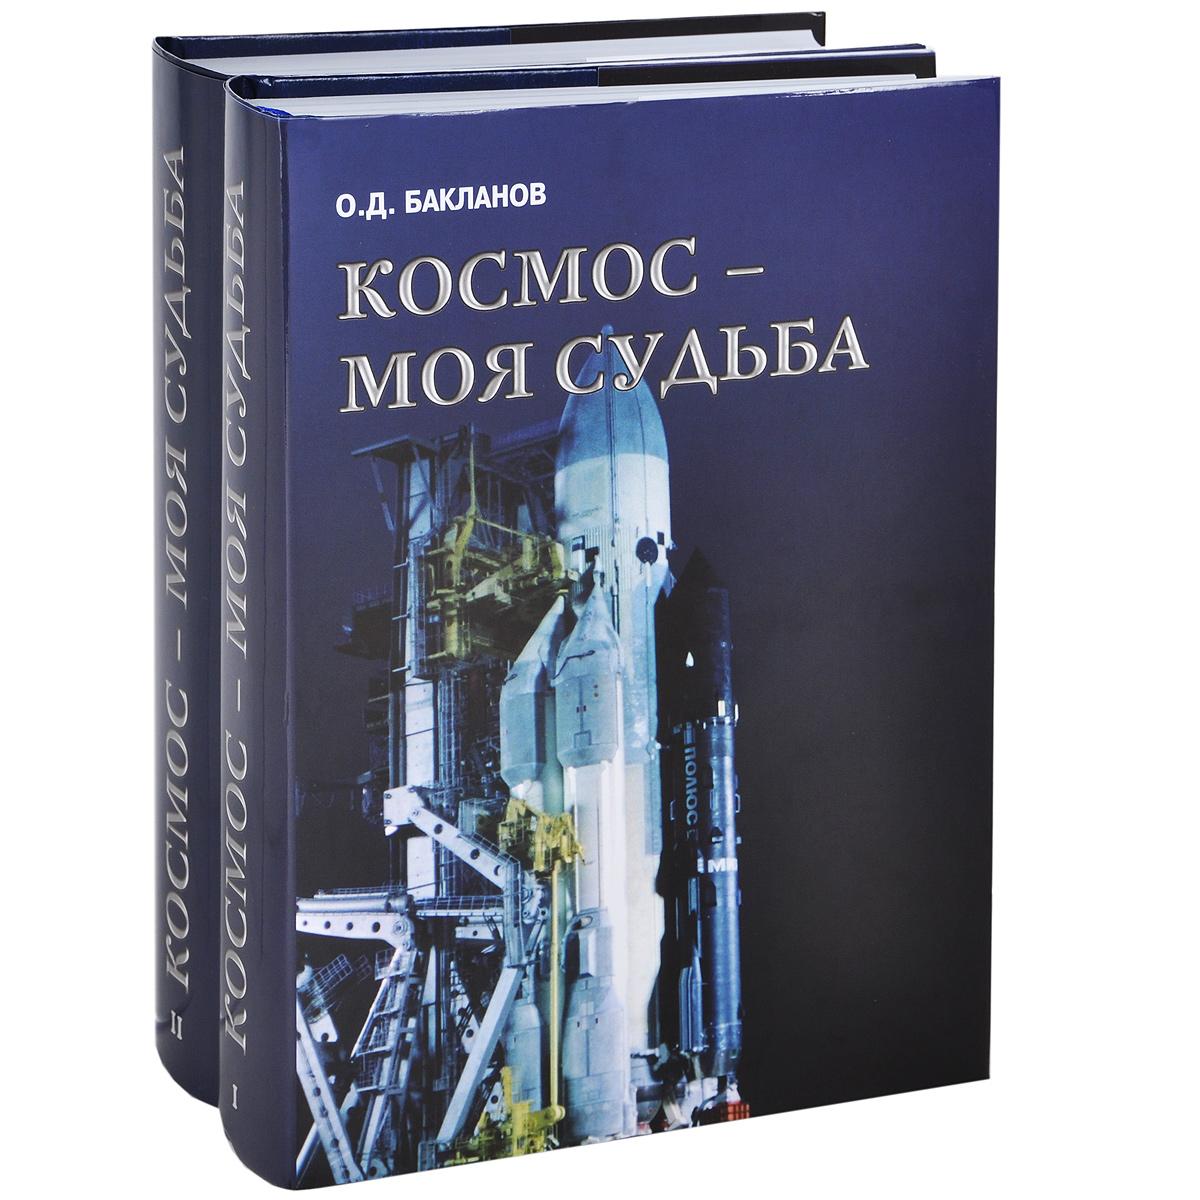 О. Д. Бакланов Космос - моя судьба. Записки из Матросской тишины. В 2 томах (комплект из 2 книг + DVD-ROM)